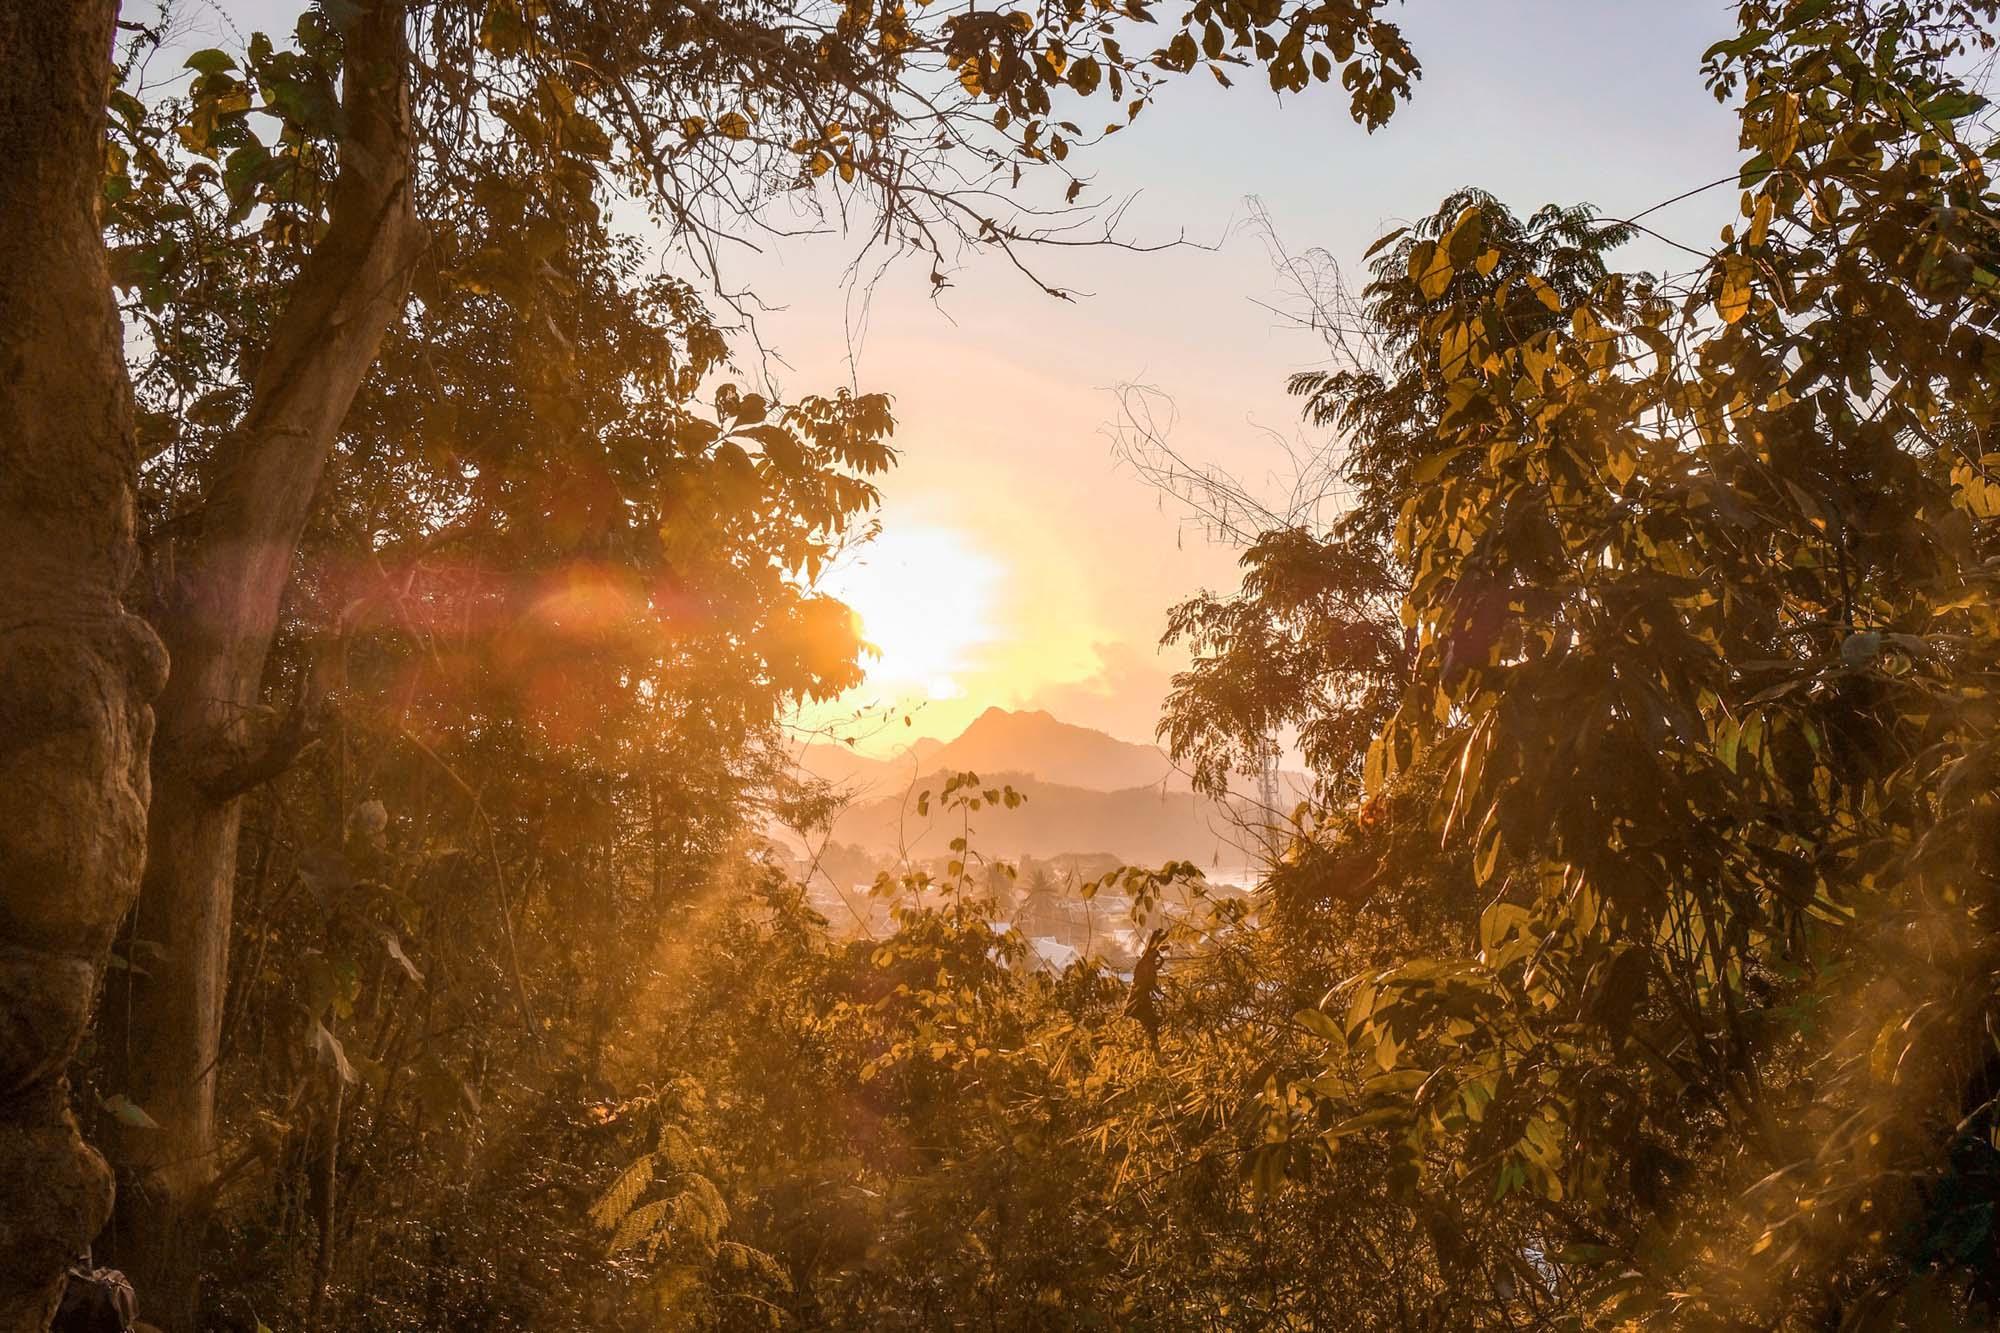 mountains of luang prabang